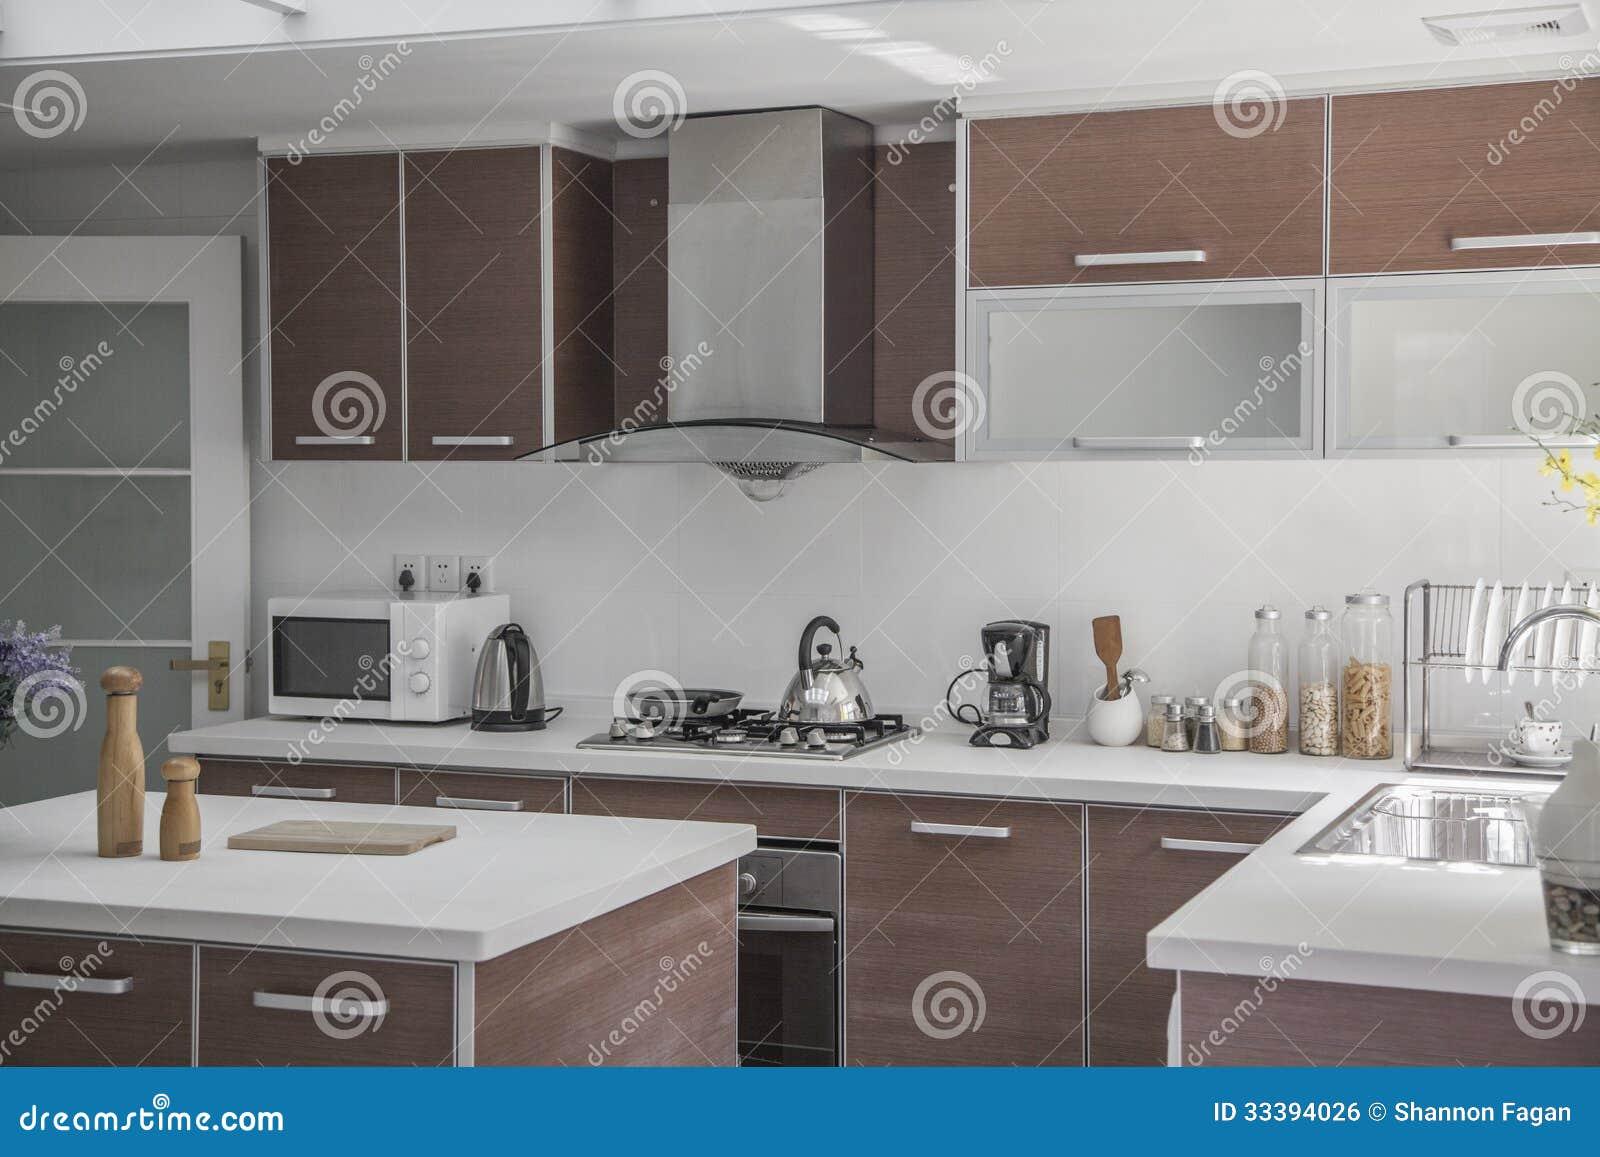 Keuken Grote Open : Grote open moderne keuken stock foto afbeelding bestaande uit